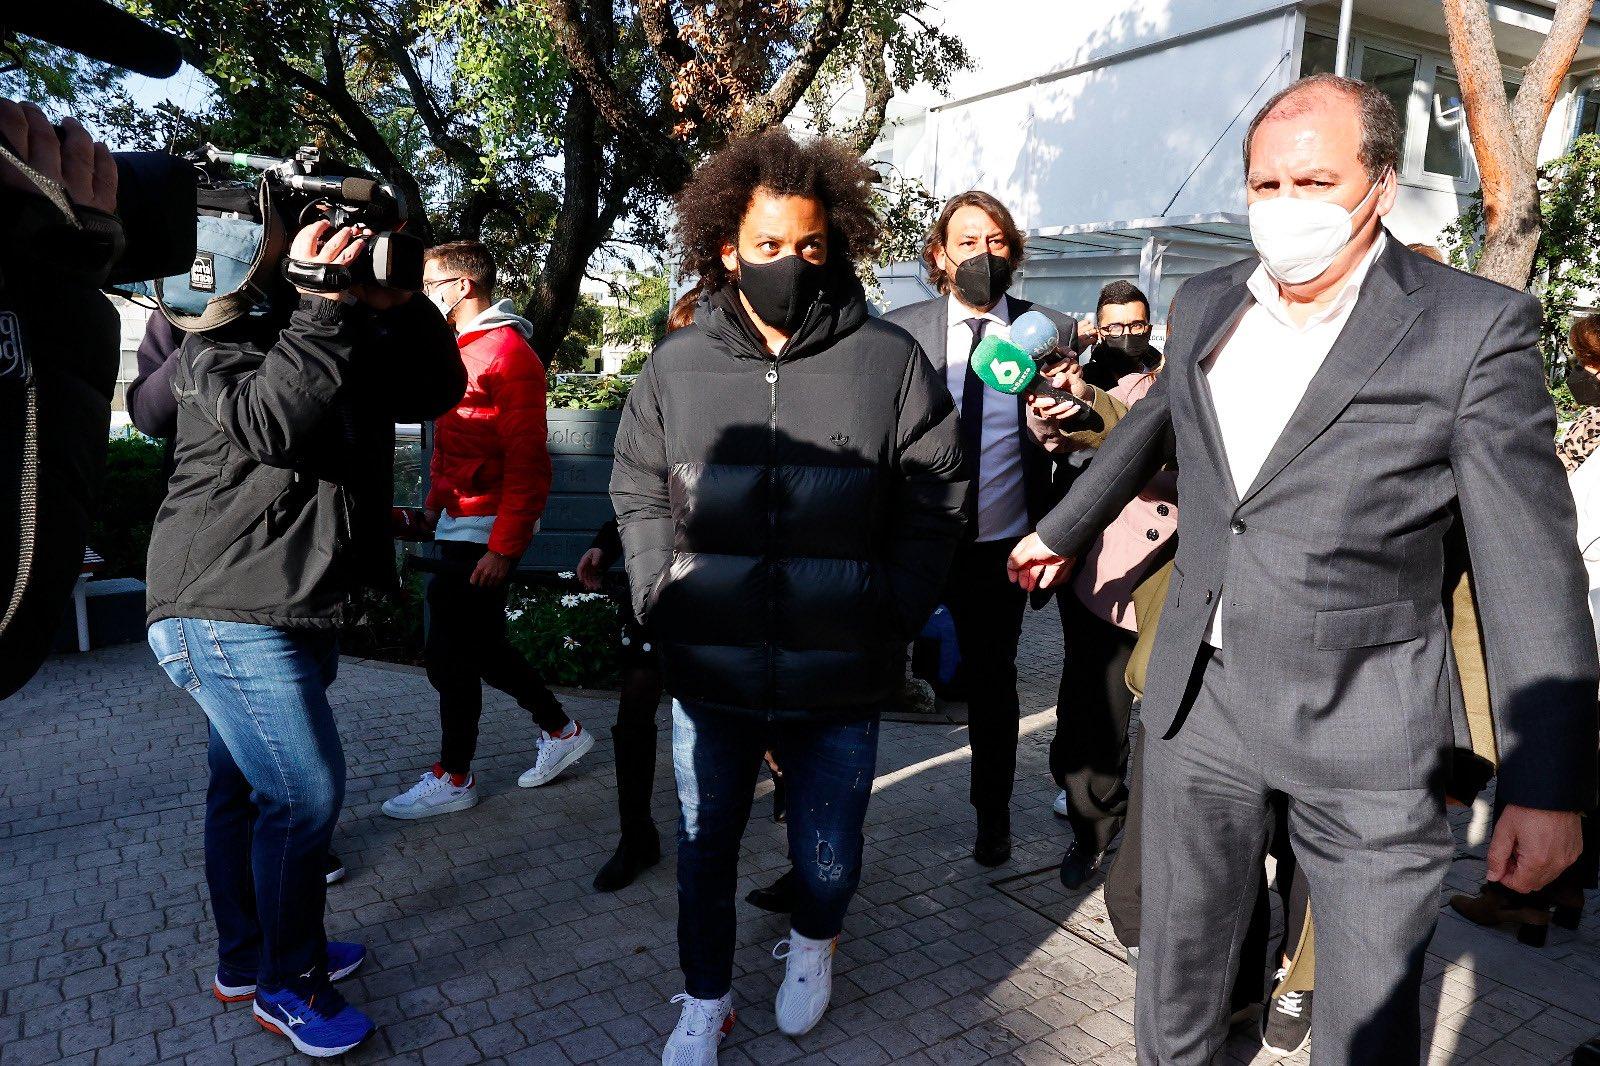 马塞洛抵达社区投票点进行选举服务,不会随队前往伦敦